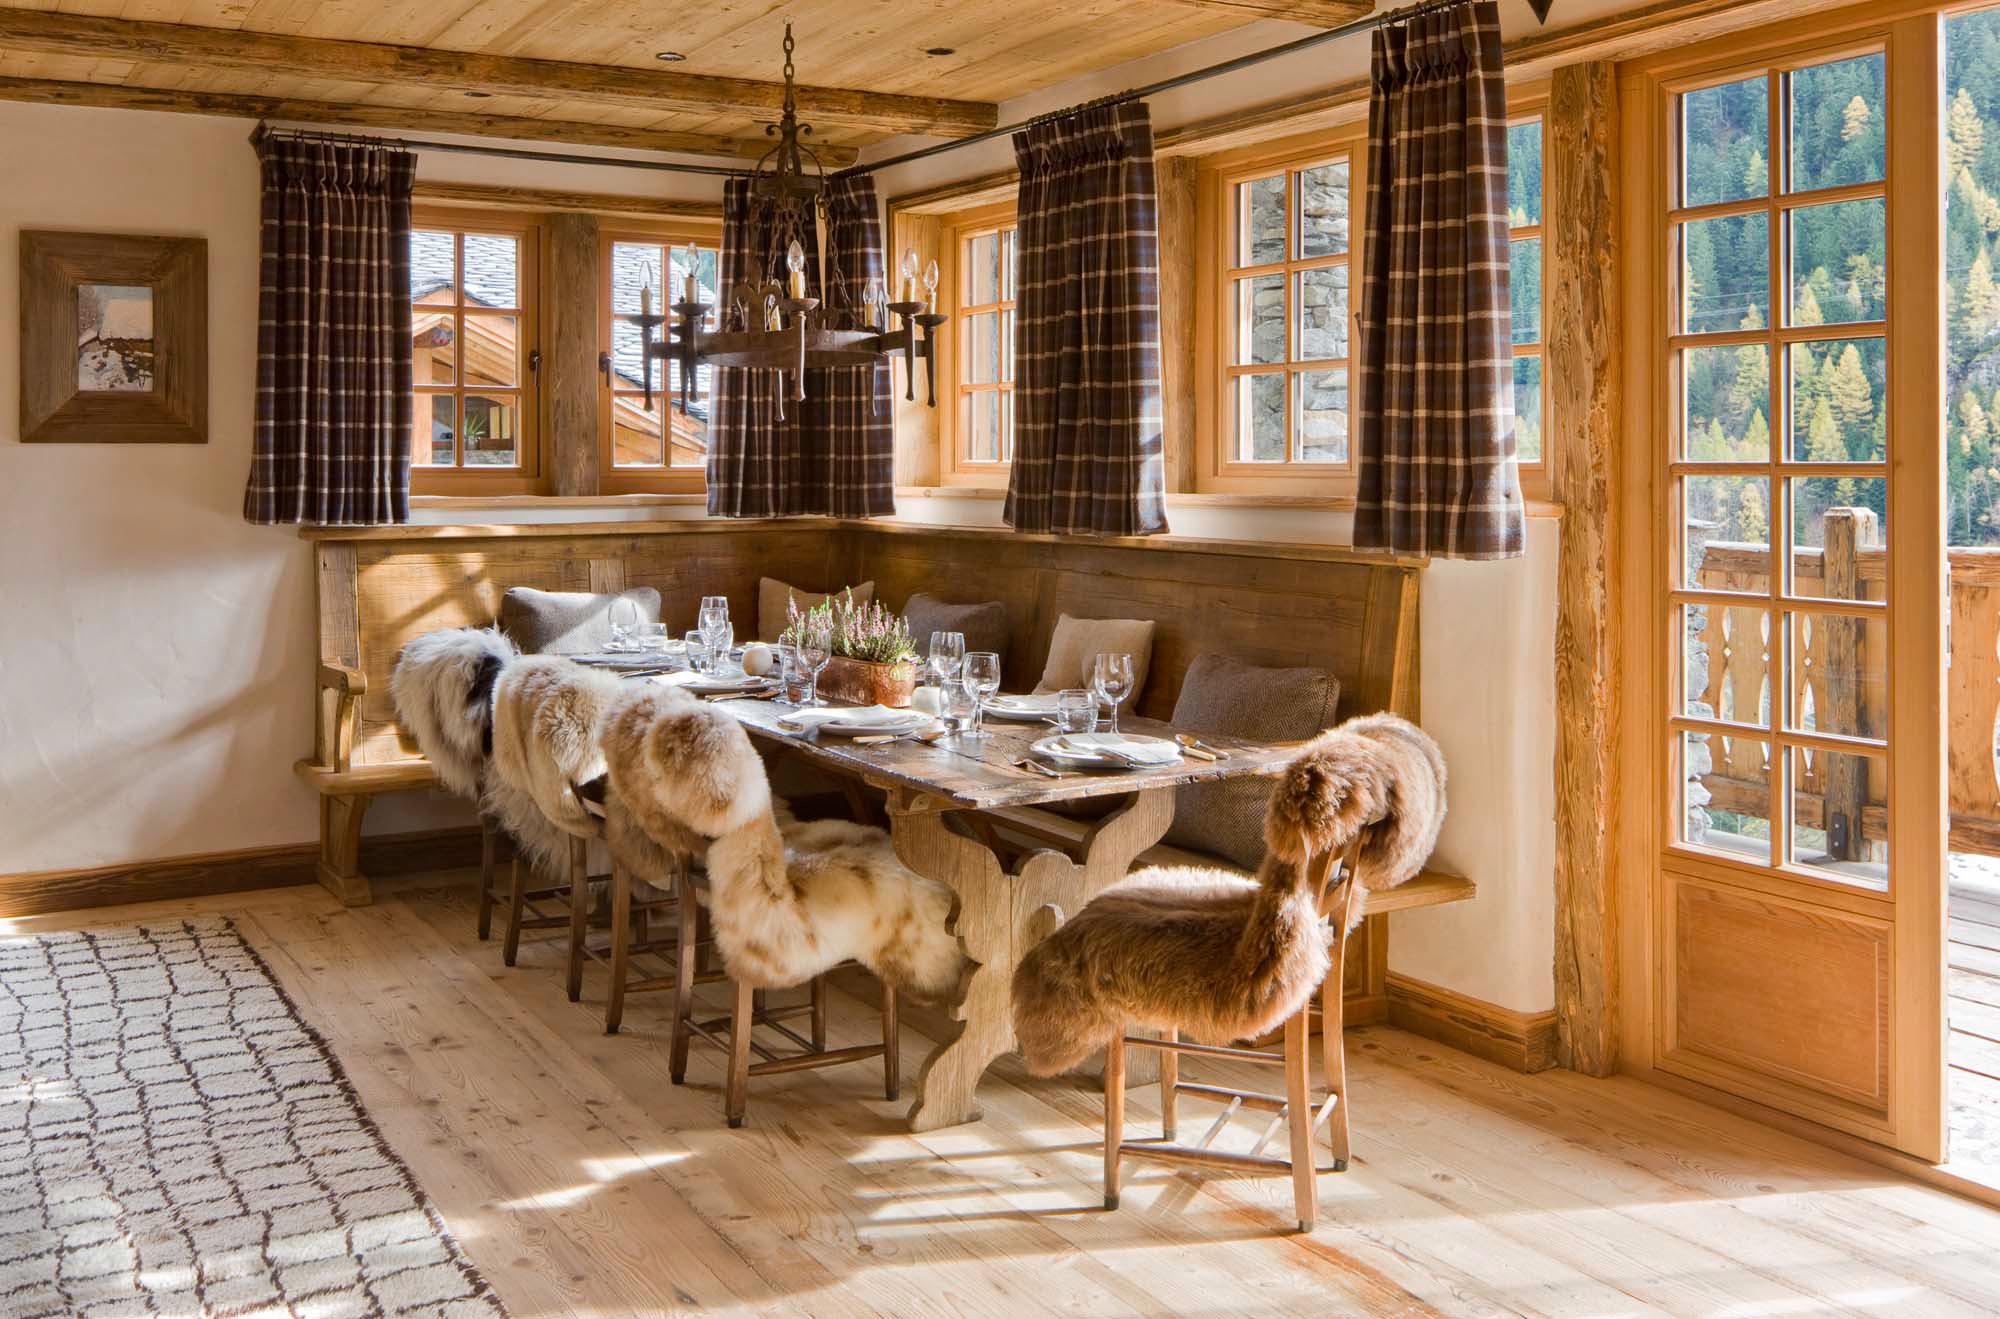 chalet pelerin firstclass holidays ferienhäuser